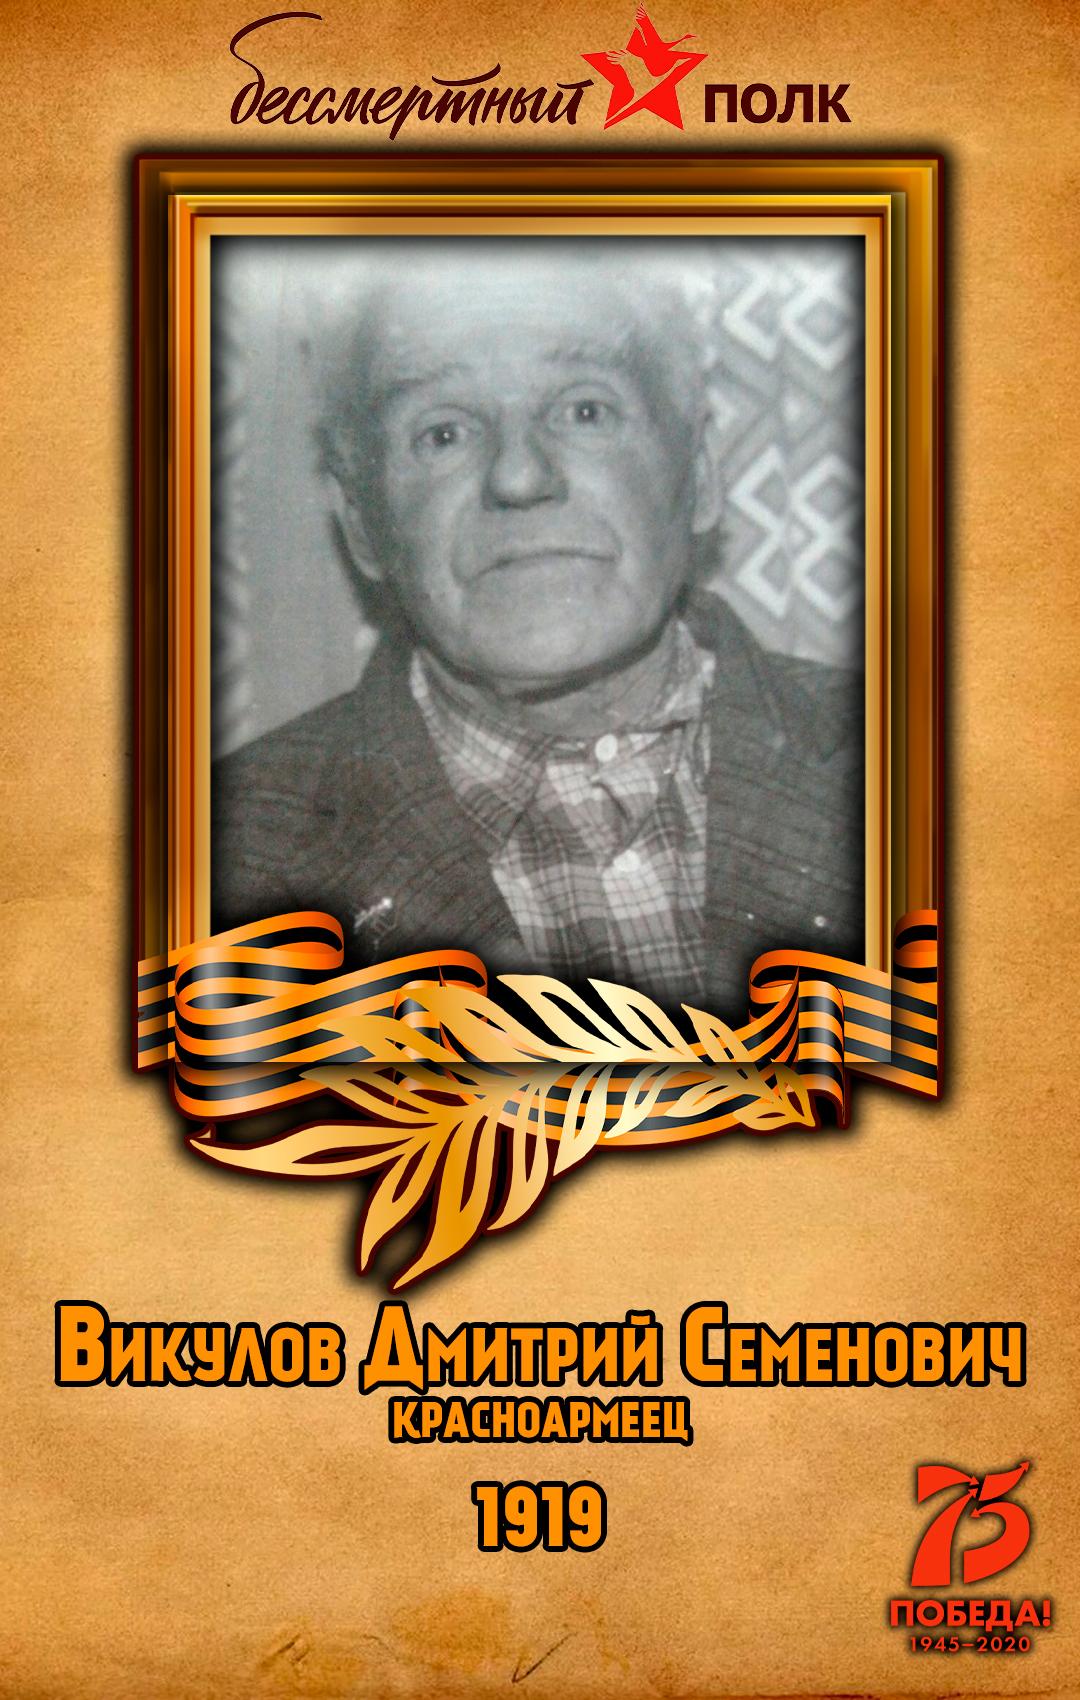 Викулов-Дмитрий-Семенович